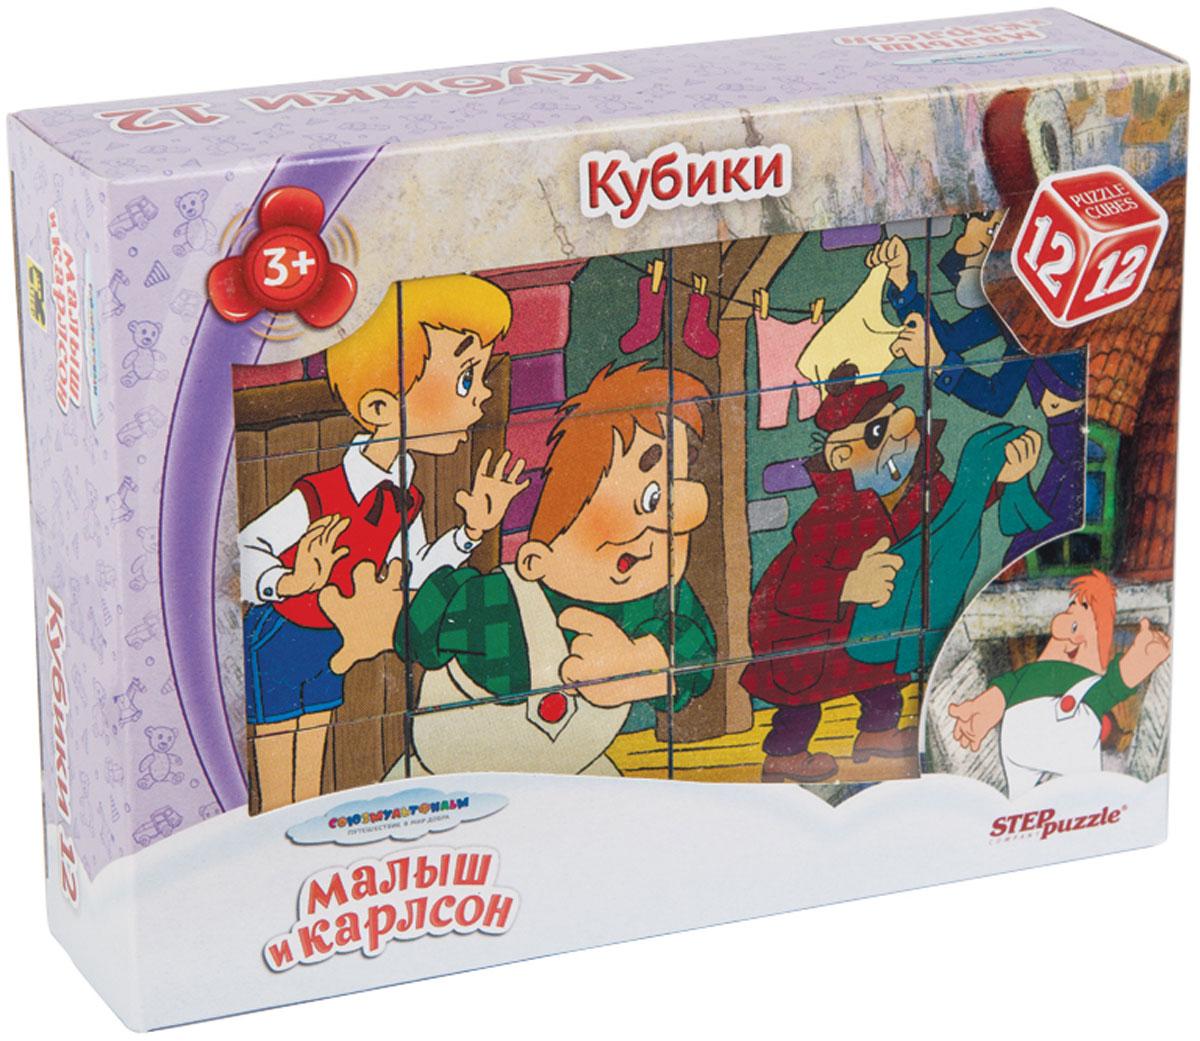 Step Puzzle Кубики Малыш и Карлсон step puzzle кубики ну погоди